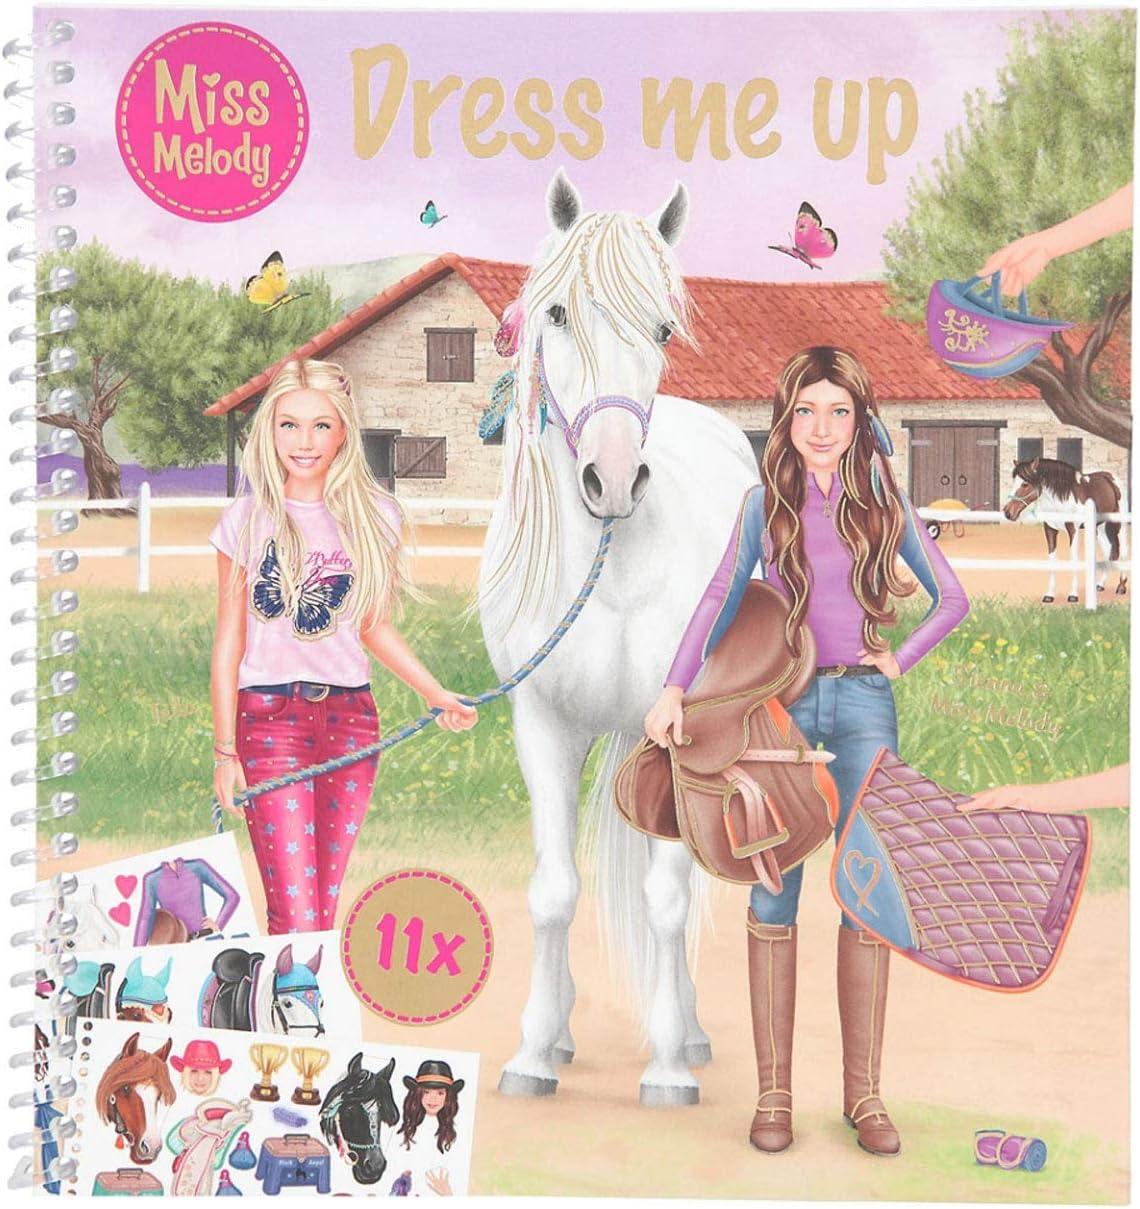 Depesche 11498 Miss Melody Dress me up-Libro 24 páginas y 11 Hojas de Pegatinas, Aprox. 17,78 x 19 cm para Crear Grandes Trajes para Jinetes y Caballos, Color carbón